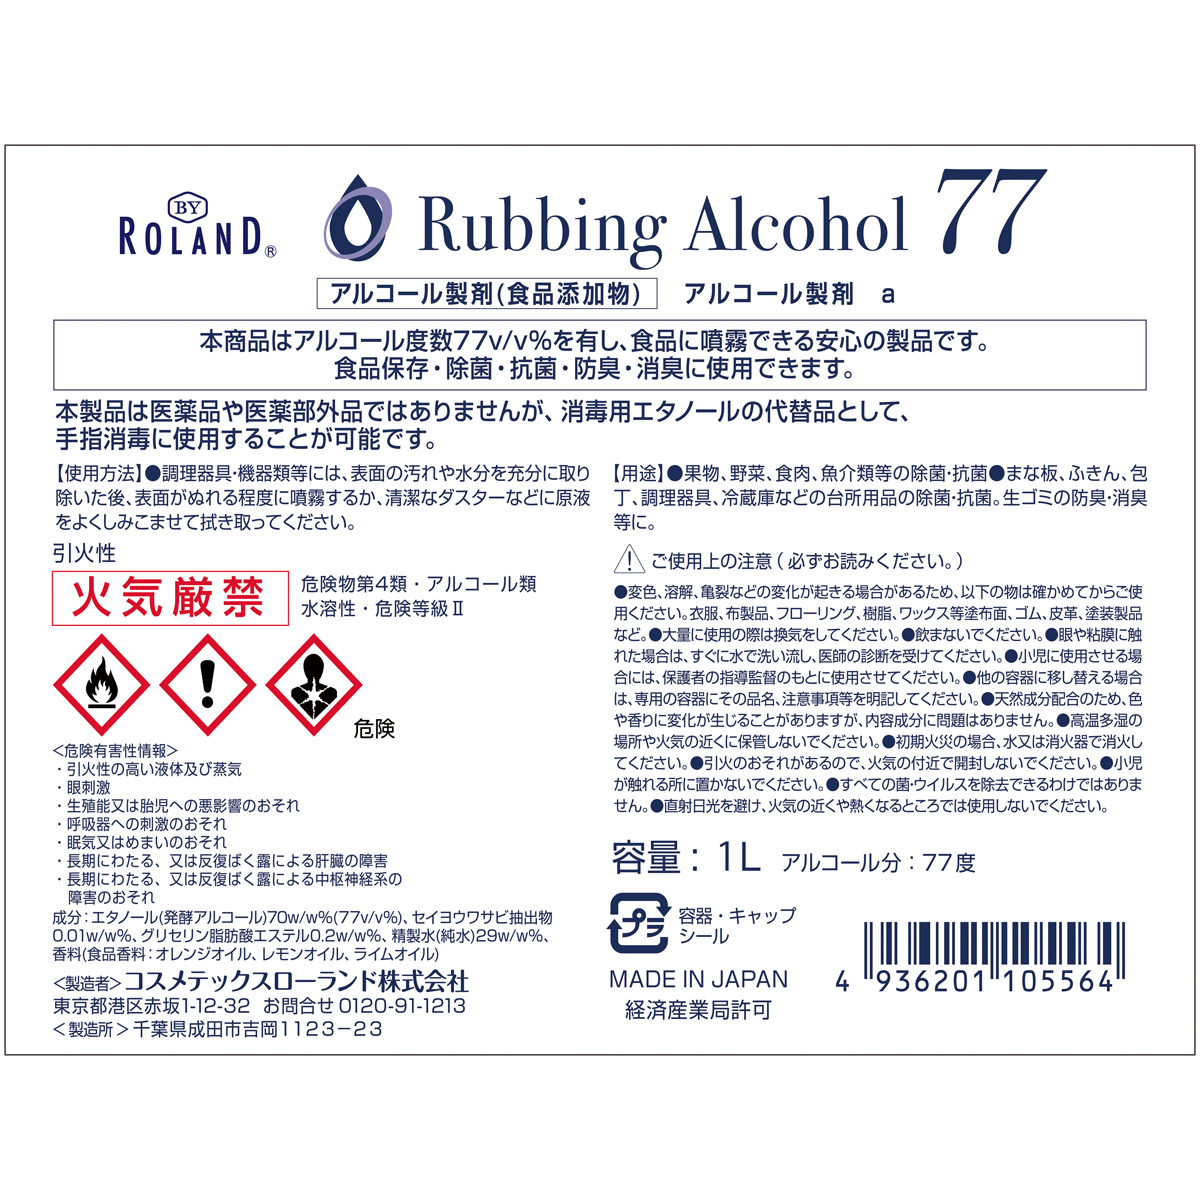 アルコール77%製剤a 1L 食品添加物 日本製 BY ROLAND (x742)